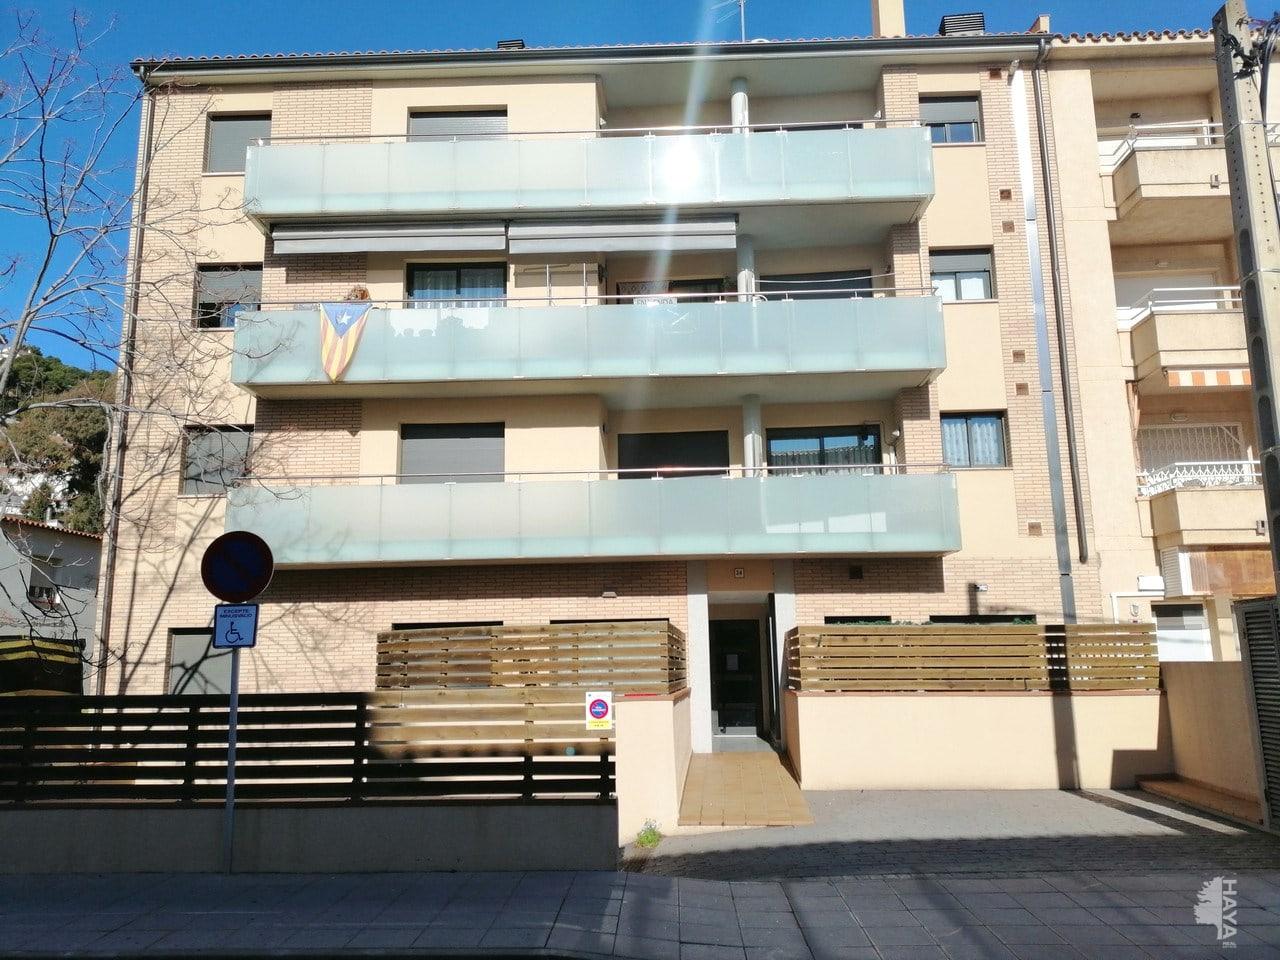 Piso en venta en Bockum, Torroella de Montgrí, Girona, Calle Torroella, 125.000 €, 59 m2